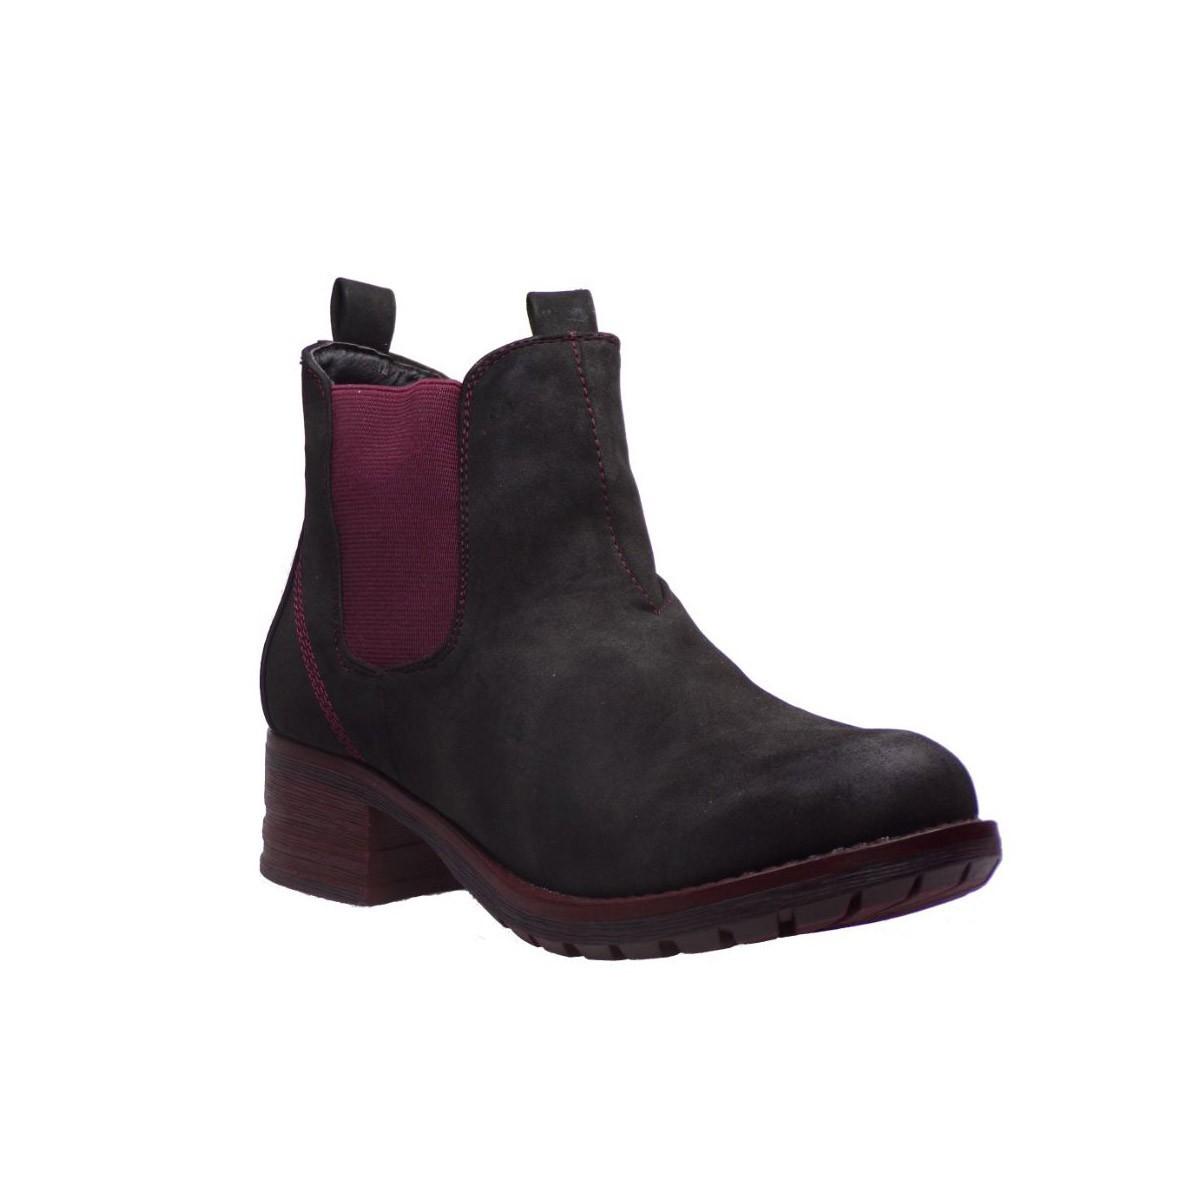 La Coquette Γυναικεία Παπούτσια 2512-1 Μαύρο-Κόκκινο La Coquette 2512-1 Μ